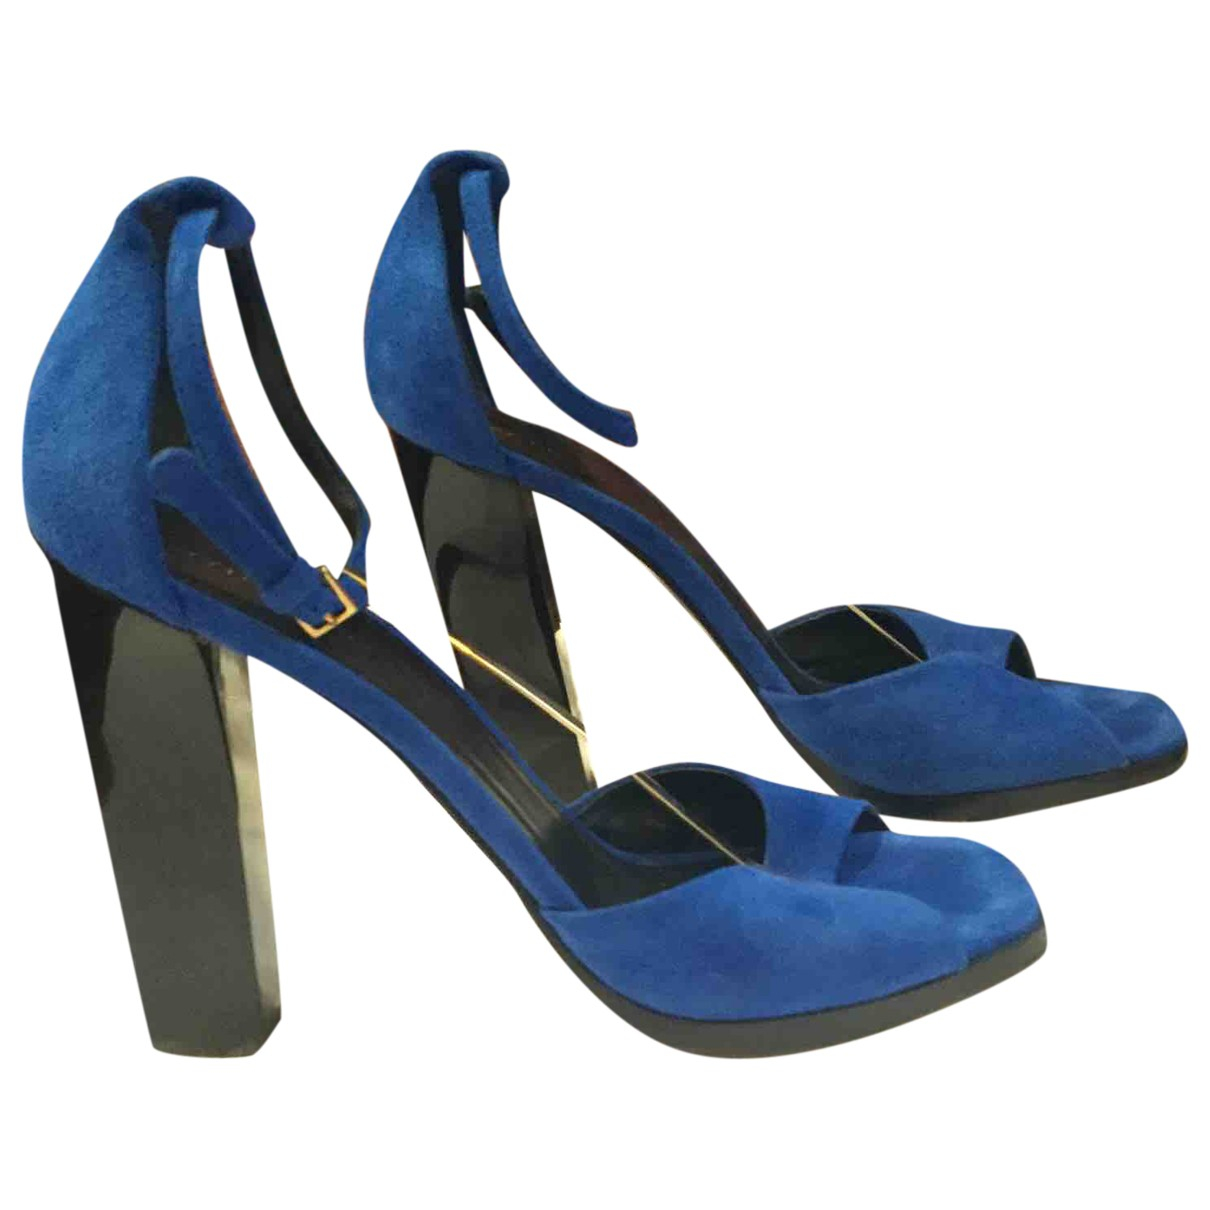 Celine \N Pumps in  Blau Veloursleder